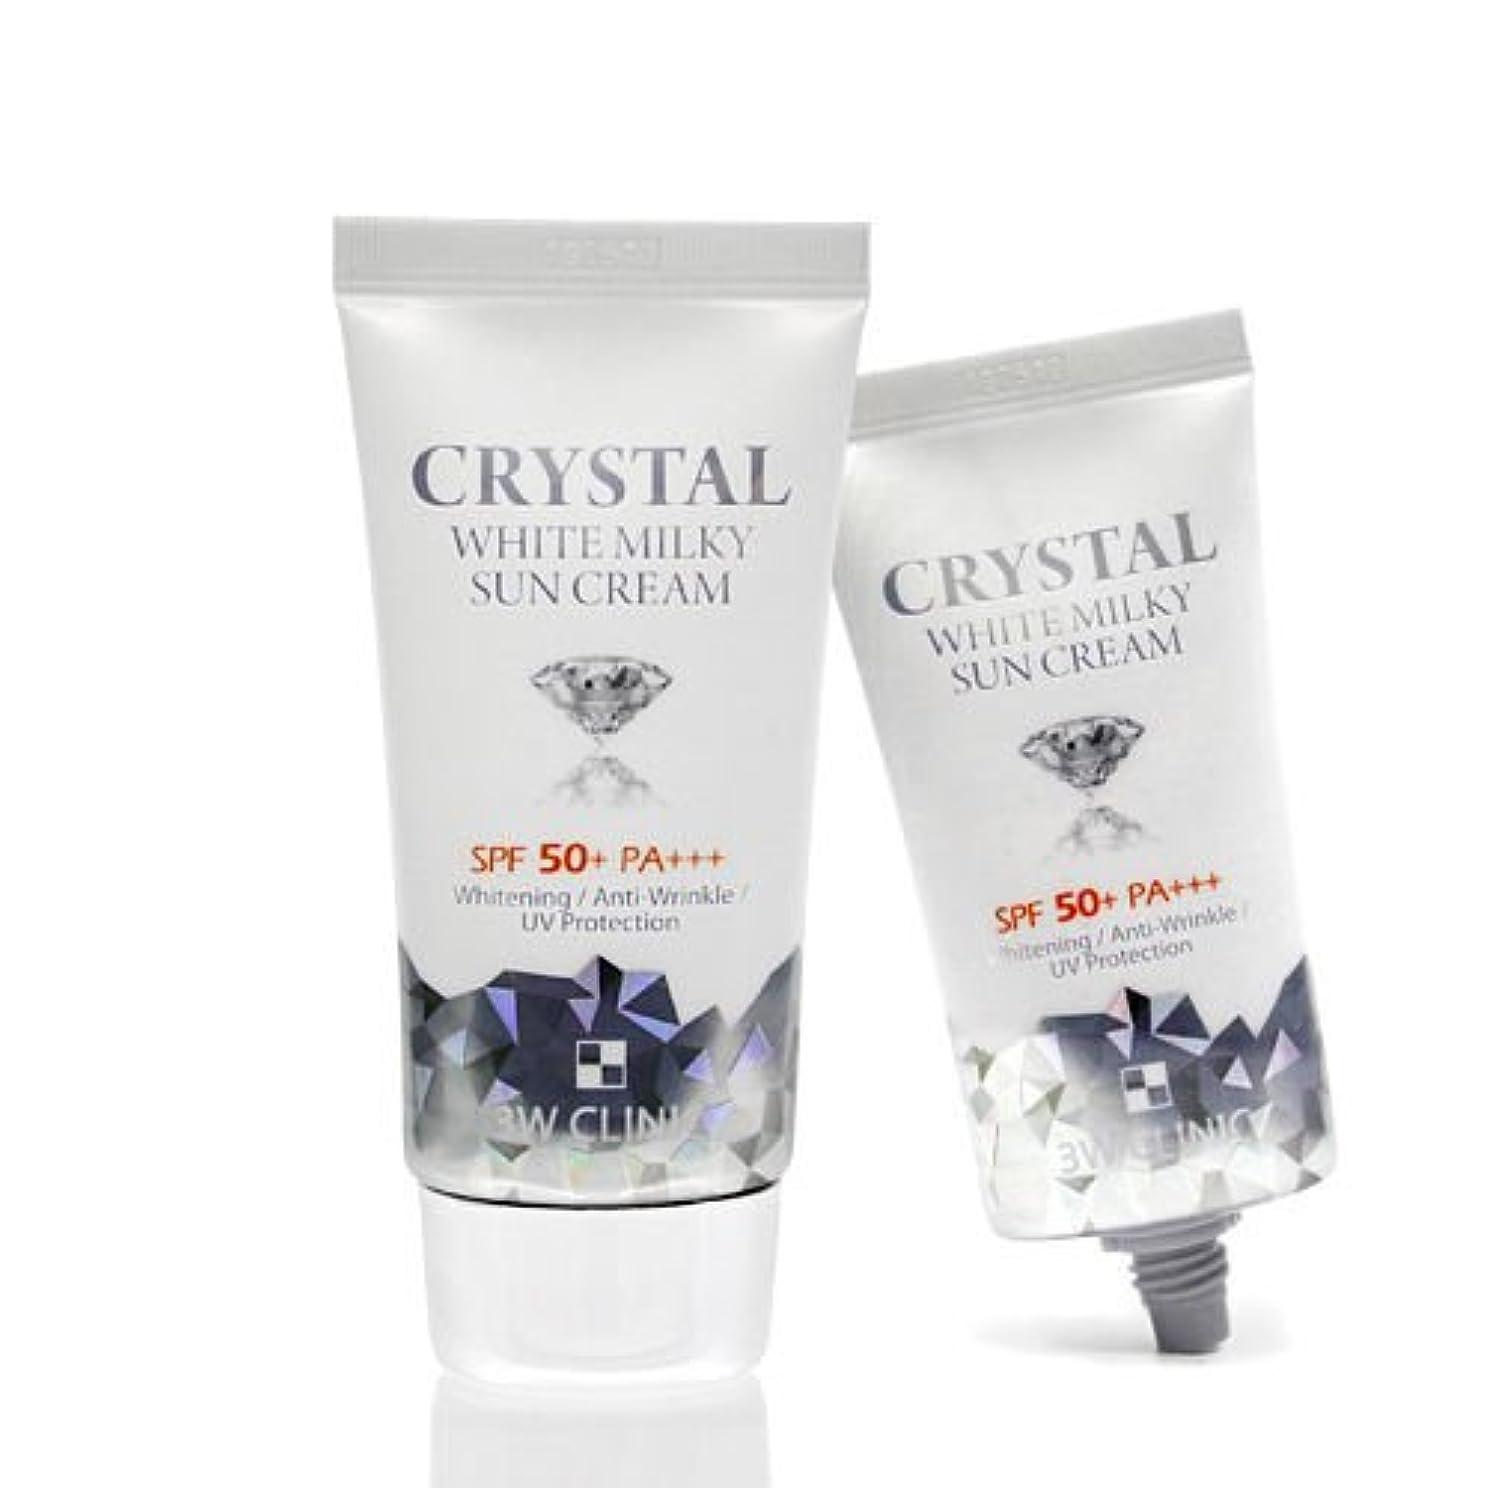 外交コールド宝3Wクリニック[韓国コスメ3w Clinic]Crystal White Milky Sun Cream クリスタルホワイトミルキー 日焼け止めクリーム50ml[並行輸入品]